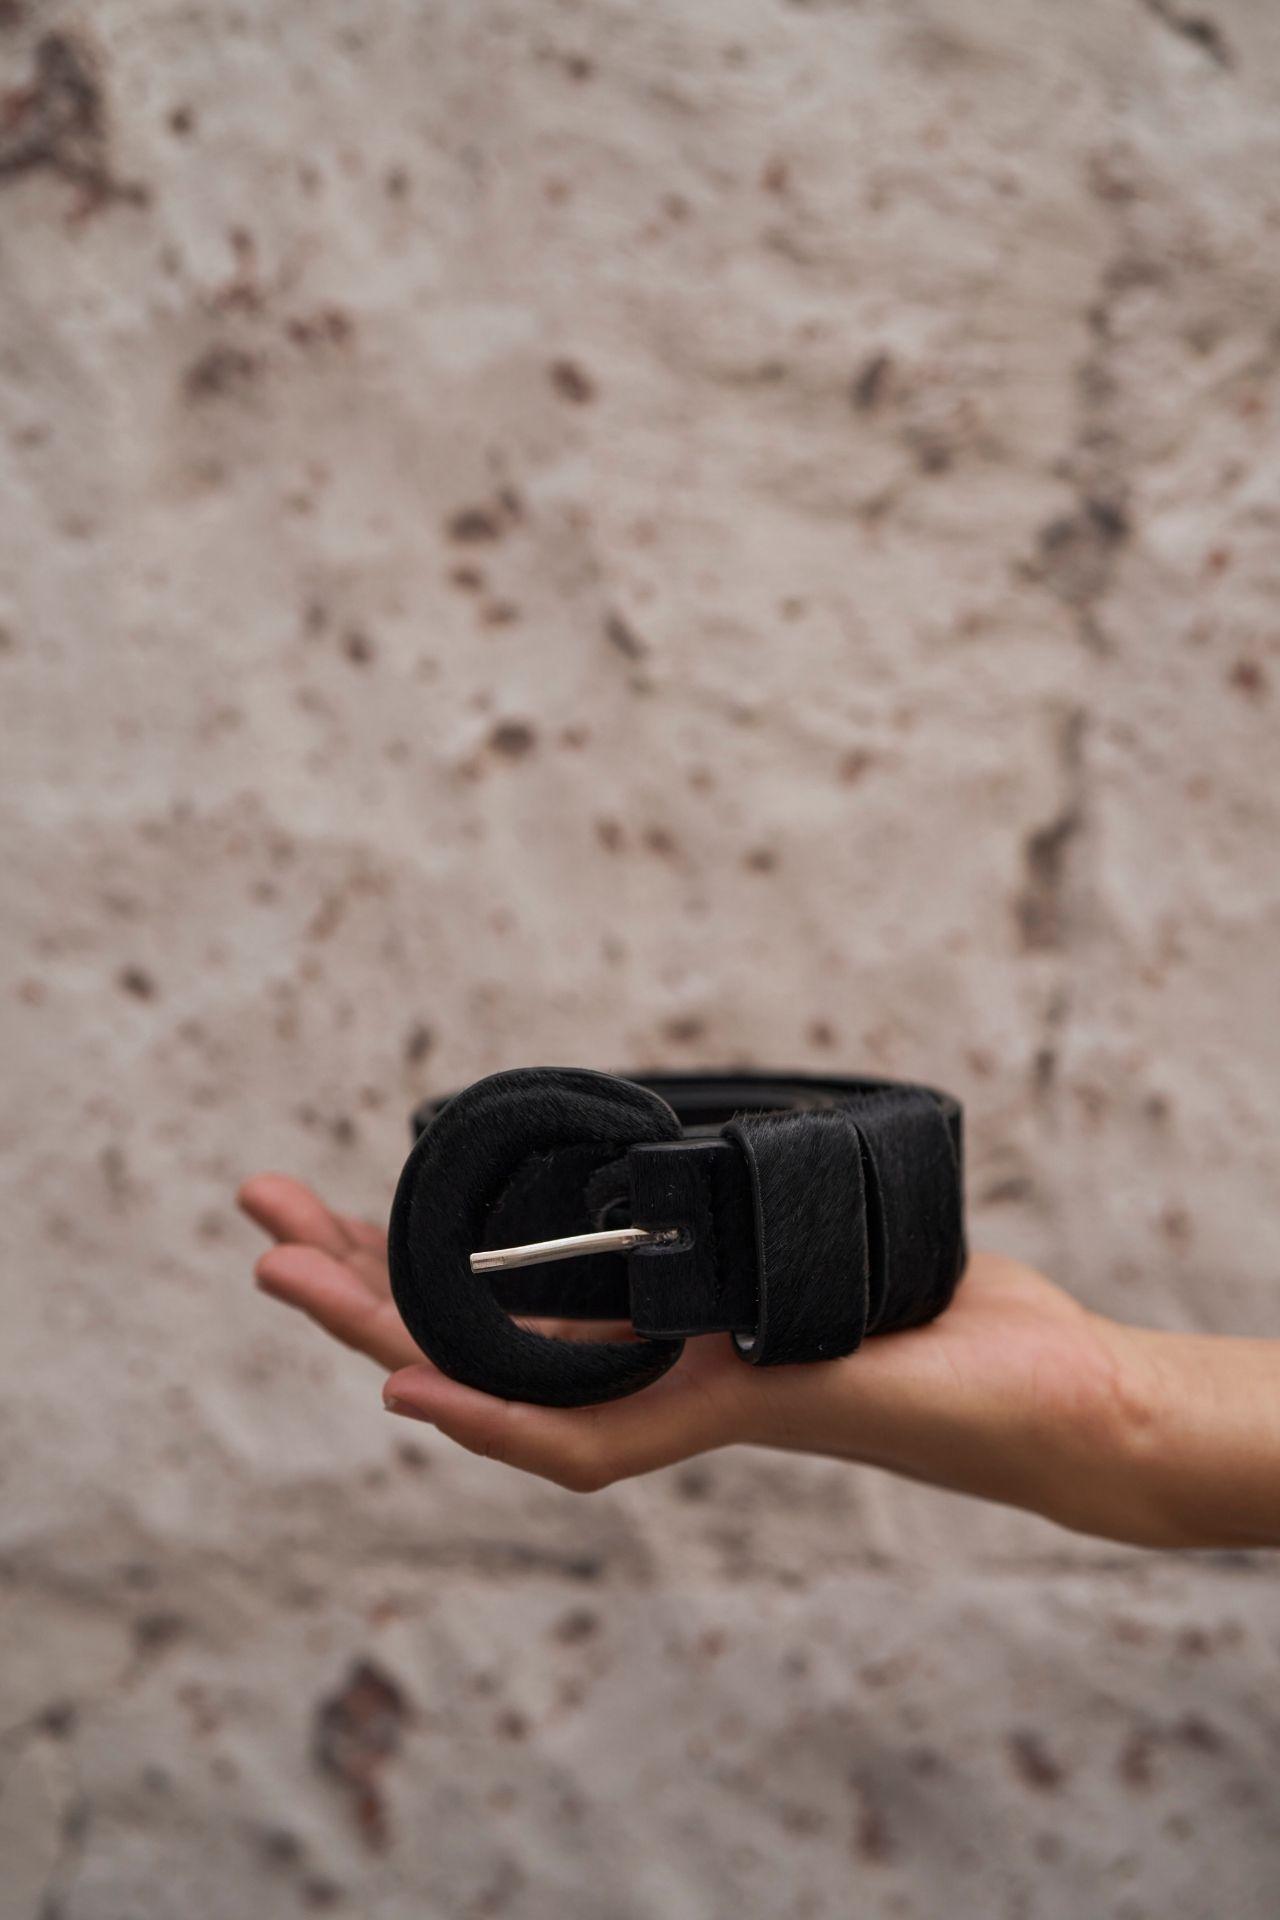 correas de cuero y piel con hebilla forrada. Incluye doble pasante para agarrar la correa  Talla S:24-26 TALLA  Talla M:28-30 TALLA  Horna talla S: 100 cm  Horna talla M: 111 cm  Ancho de correa: 3.5 cm